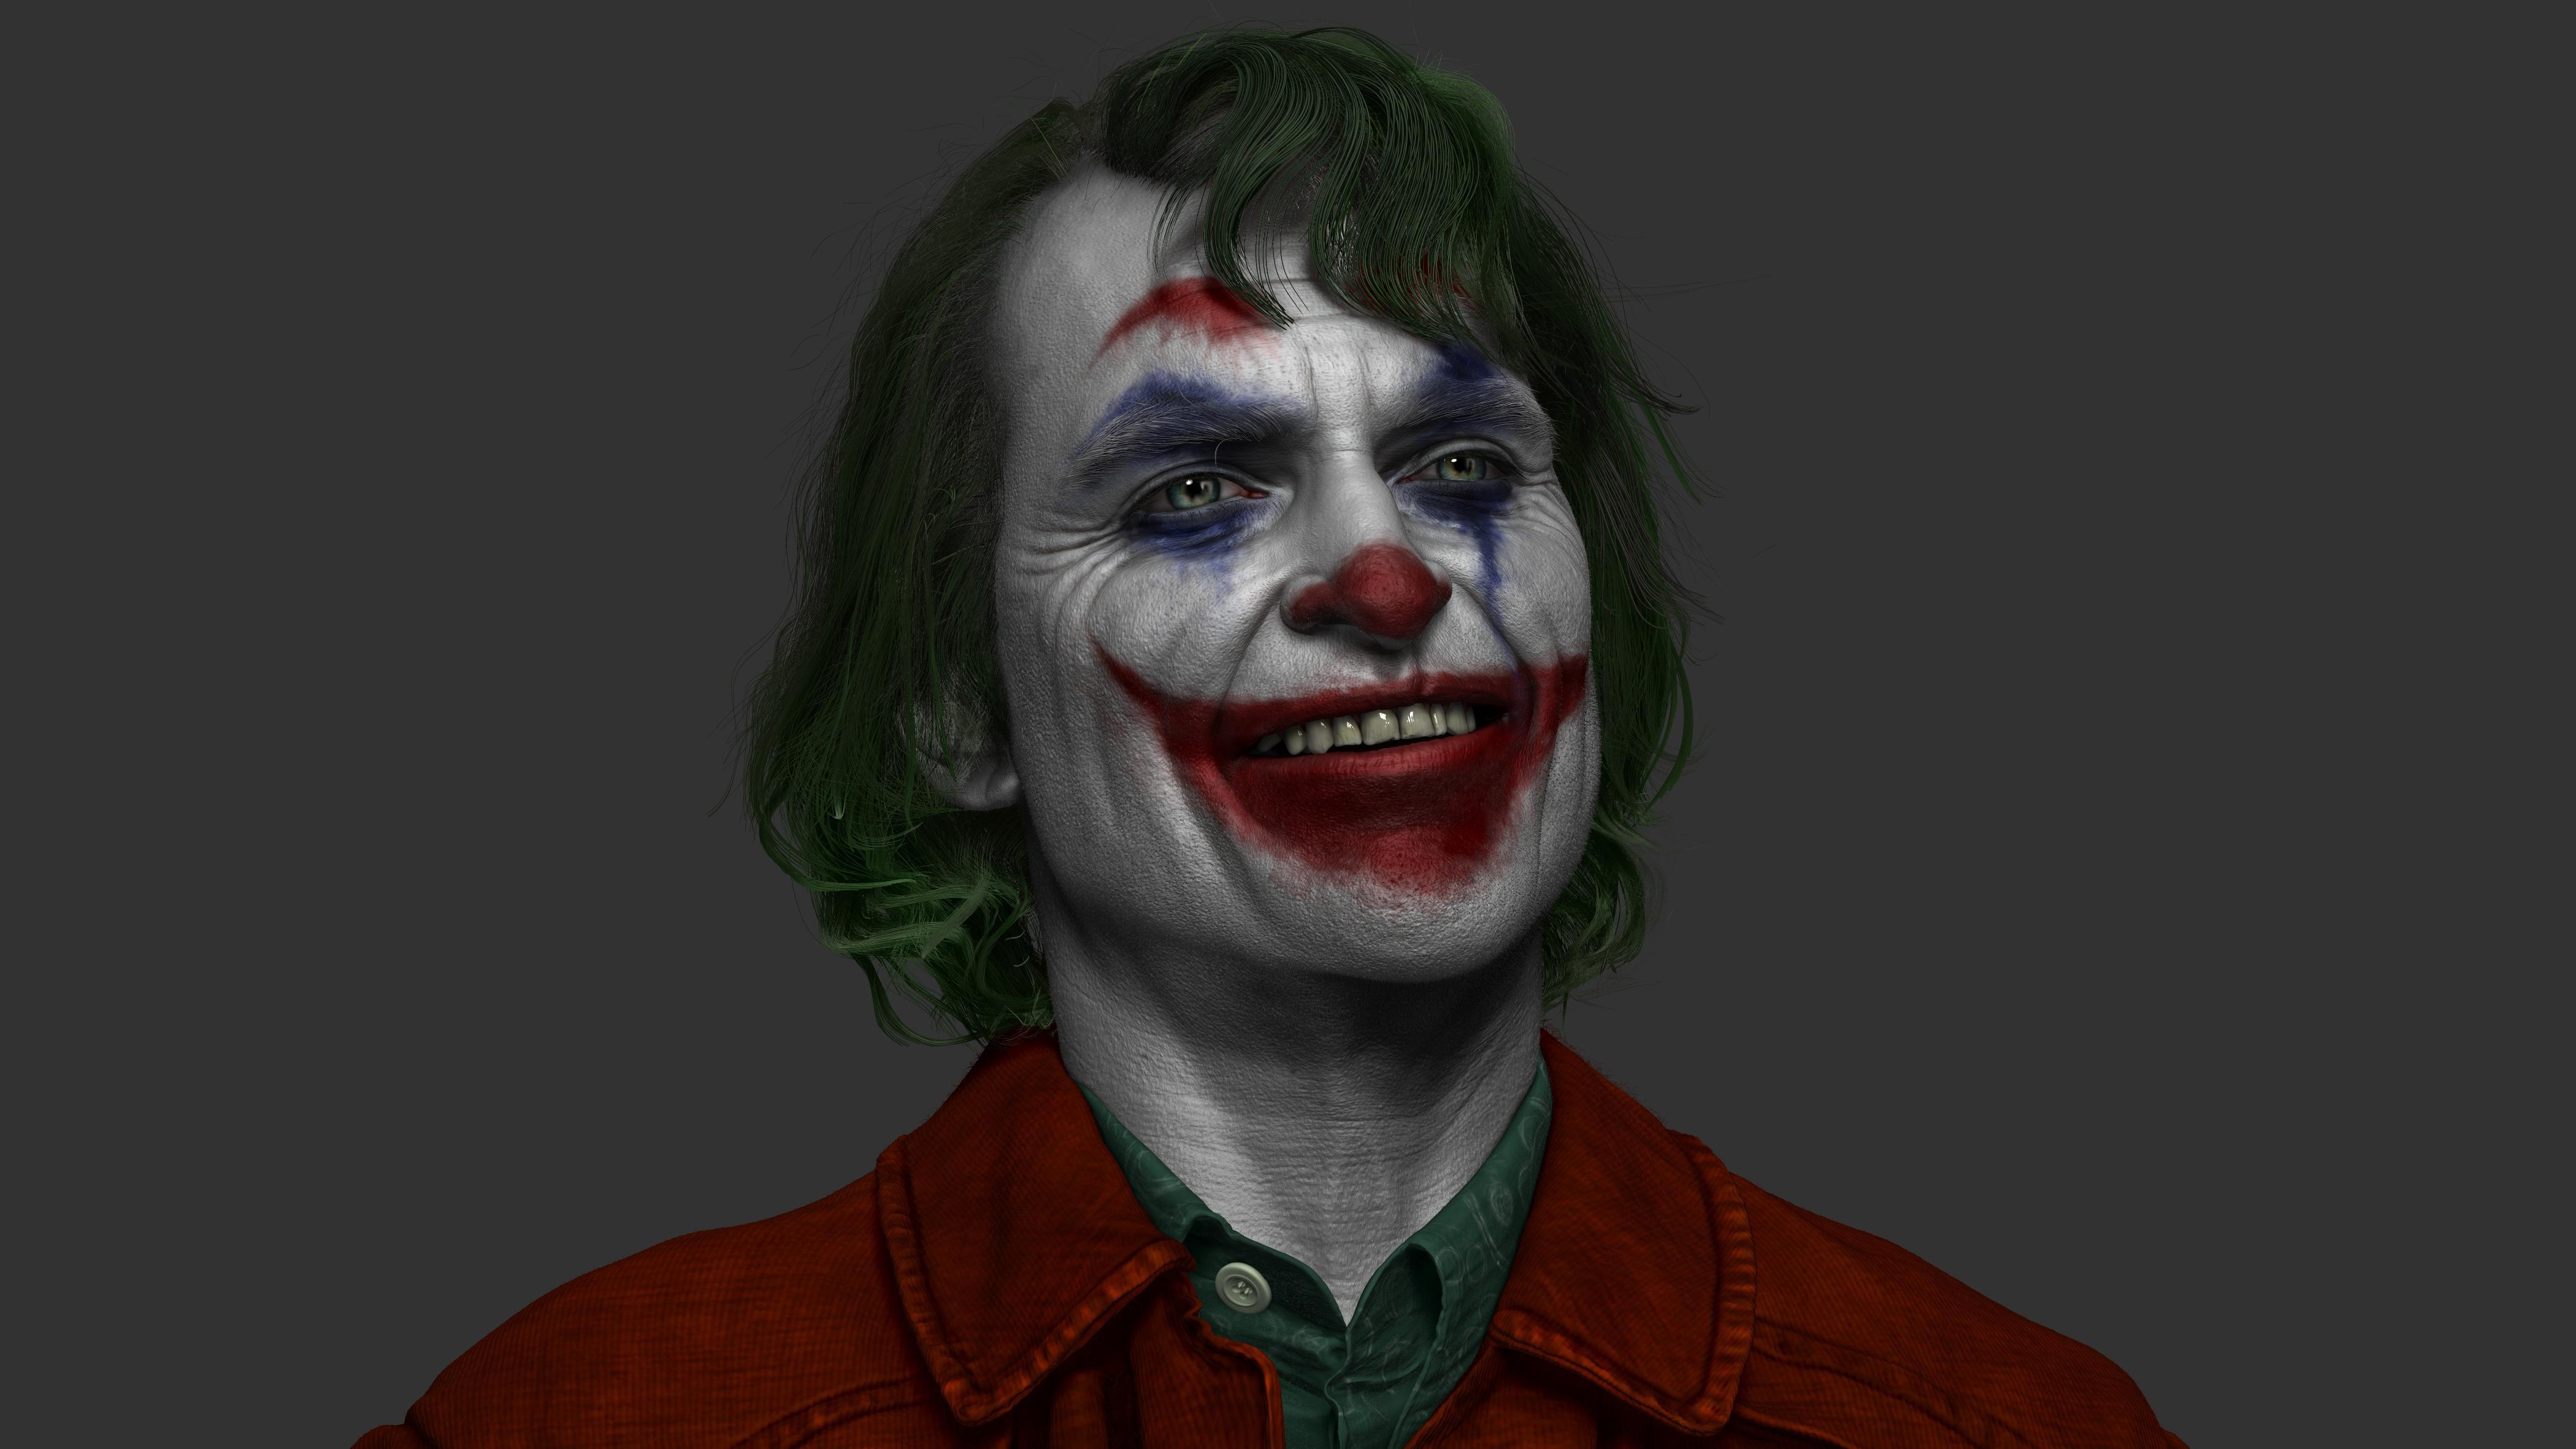 Хоакин Феникс в фильме Джокер, кино обои для телефонов, 4200 на 2363 пикселей